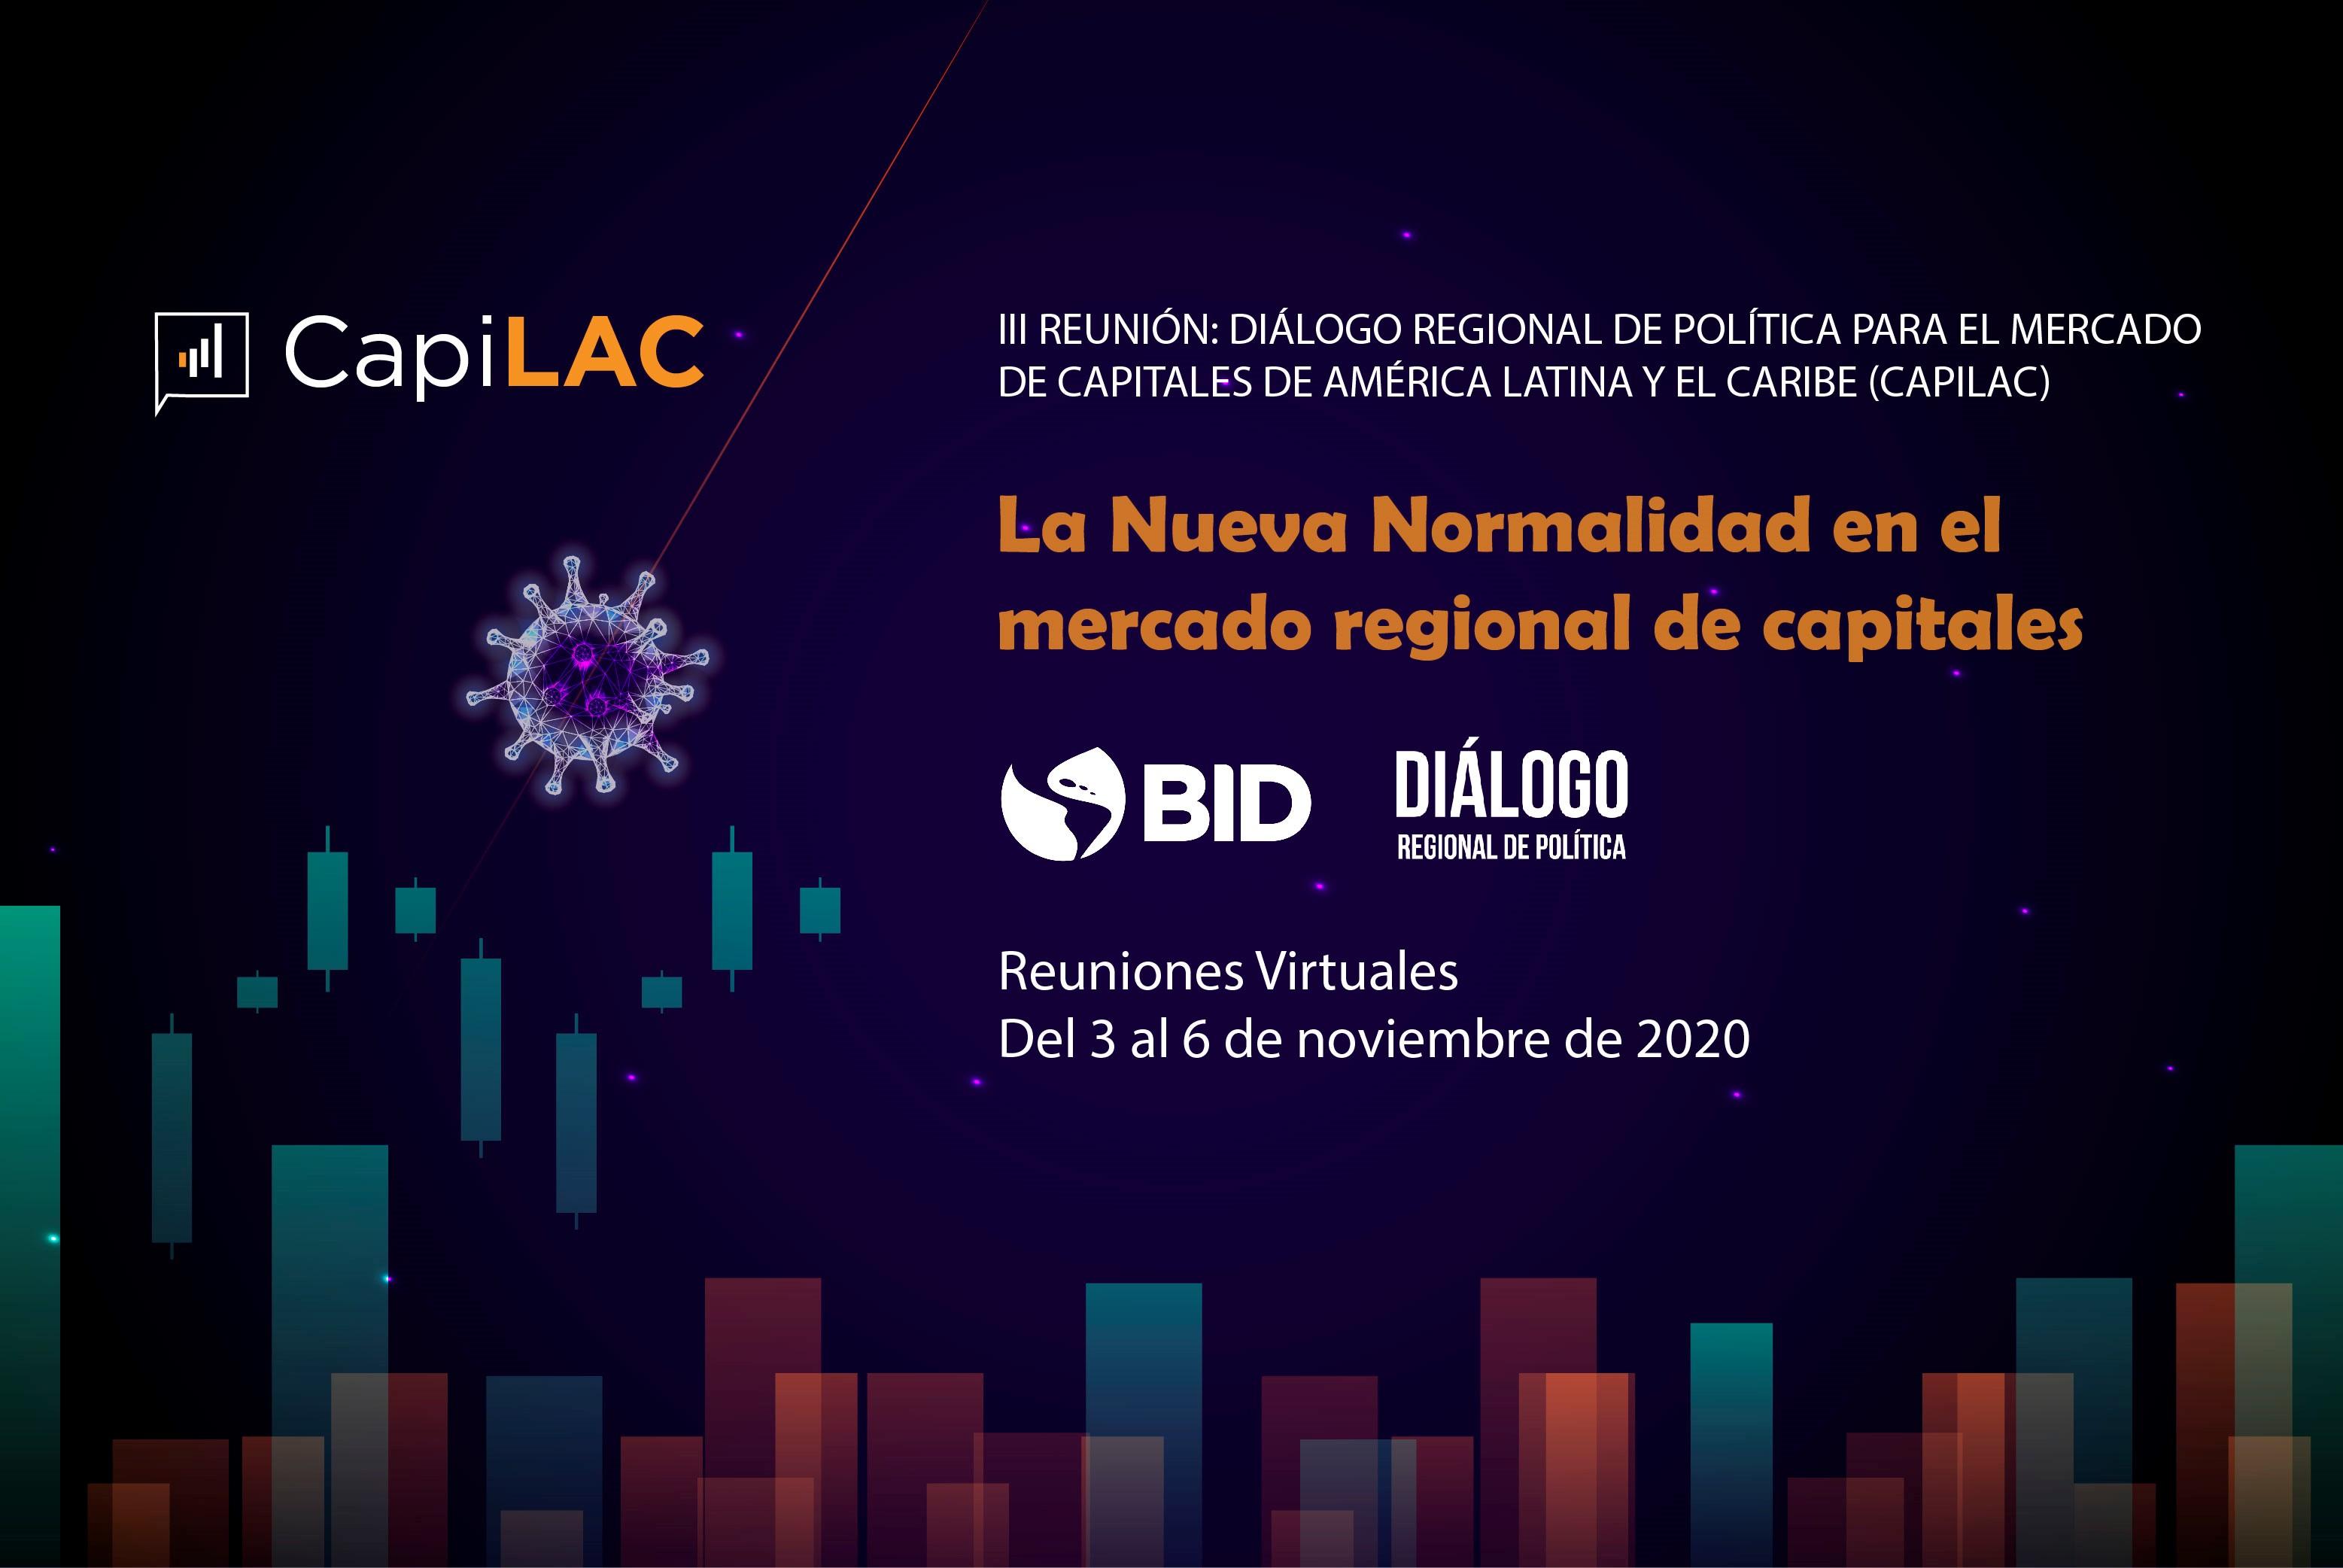 CAPILAC 2020